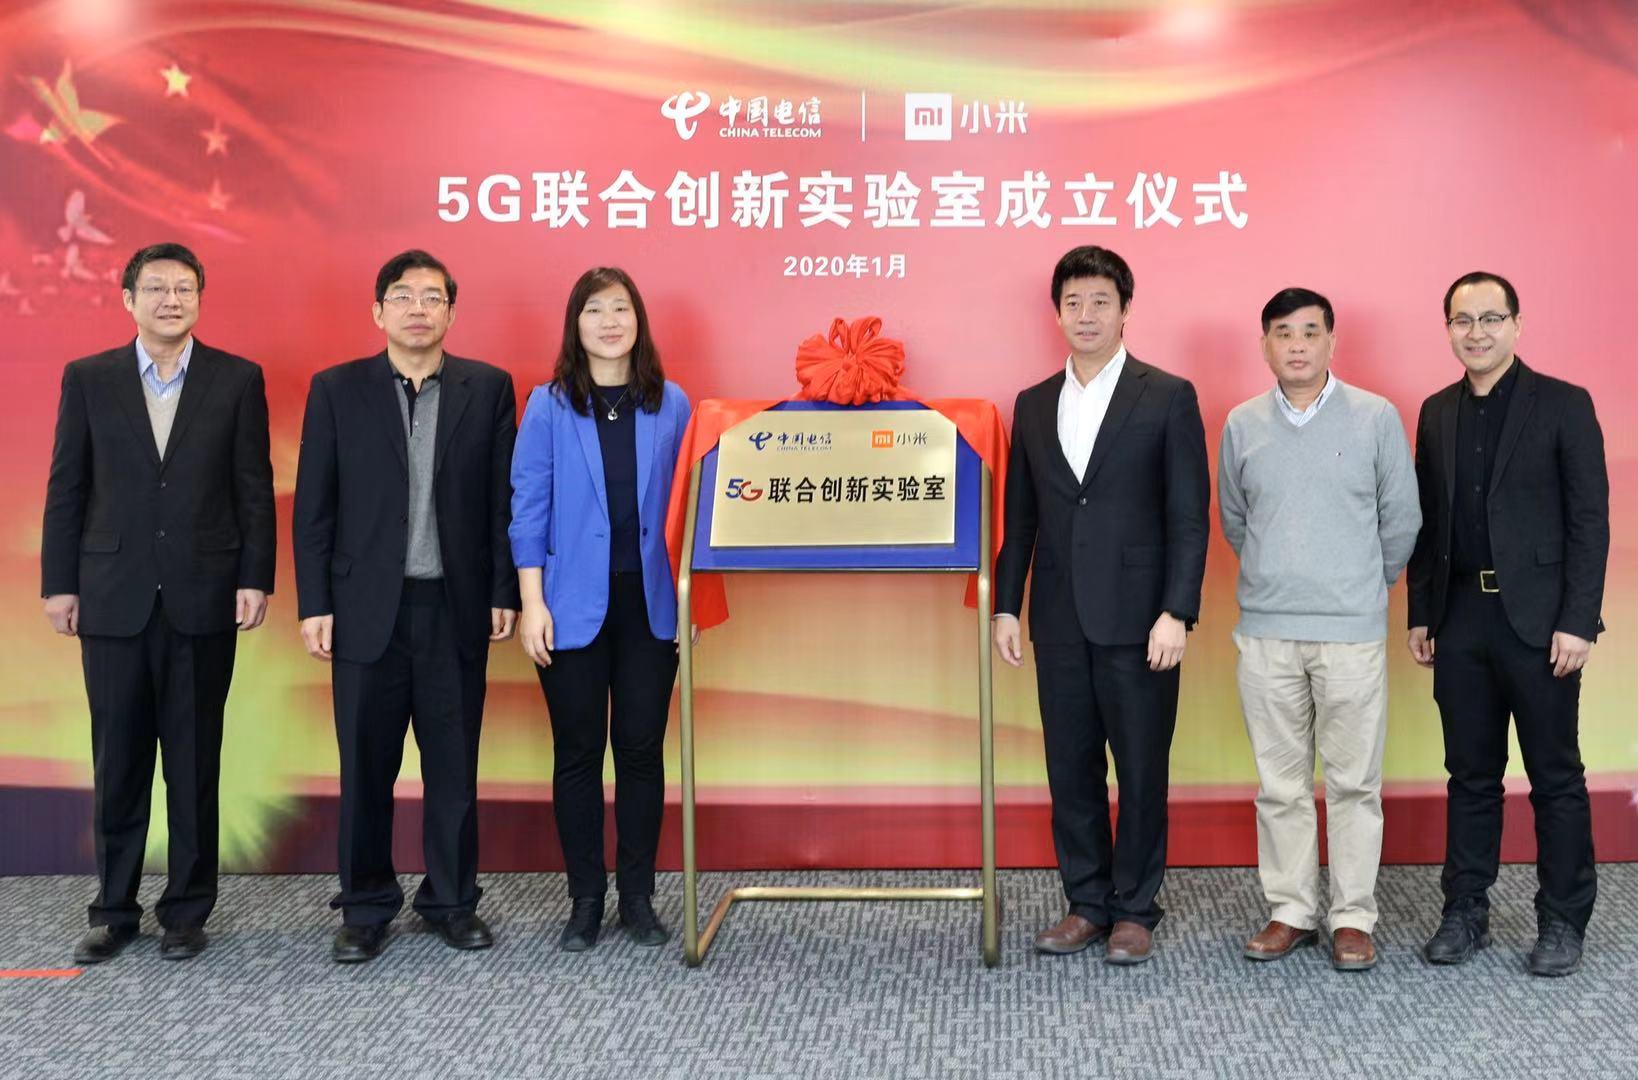 小米与中国电信成立5G联合创新实验室